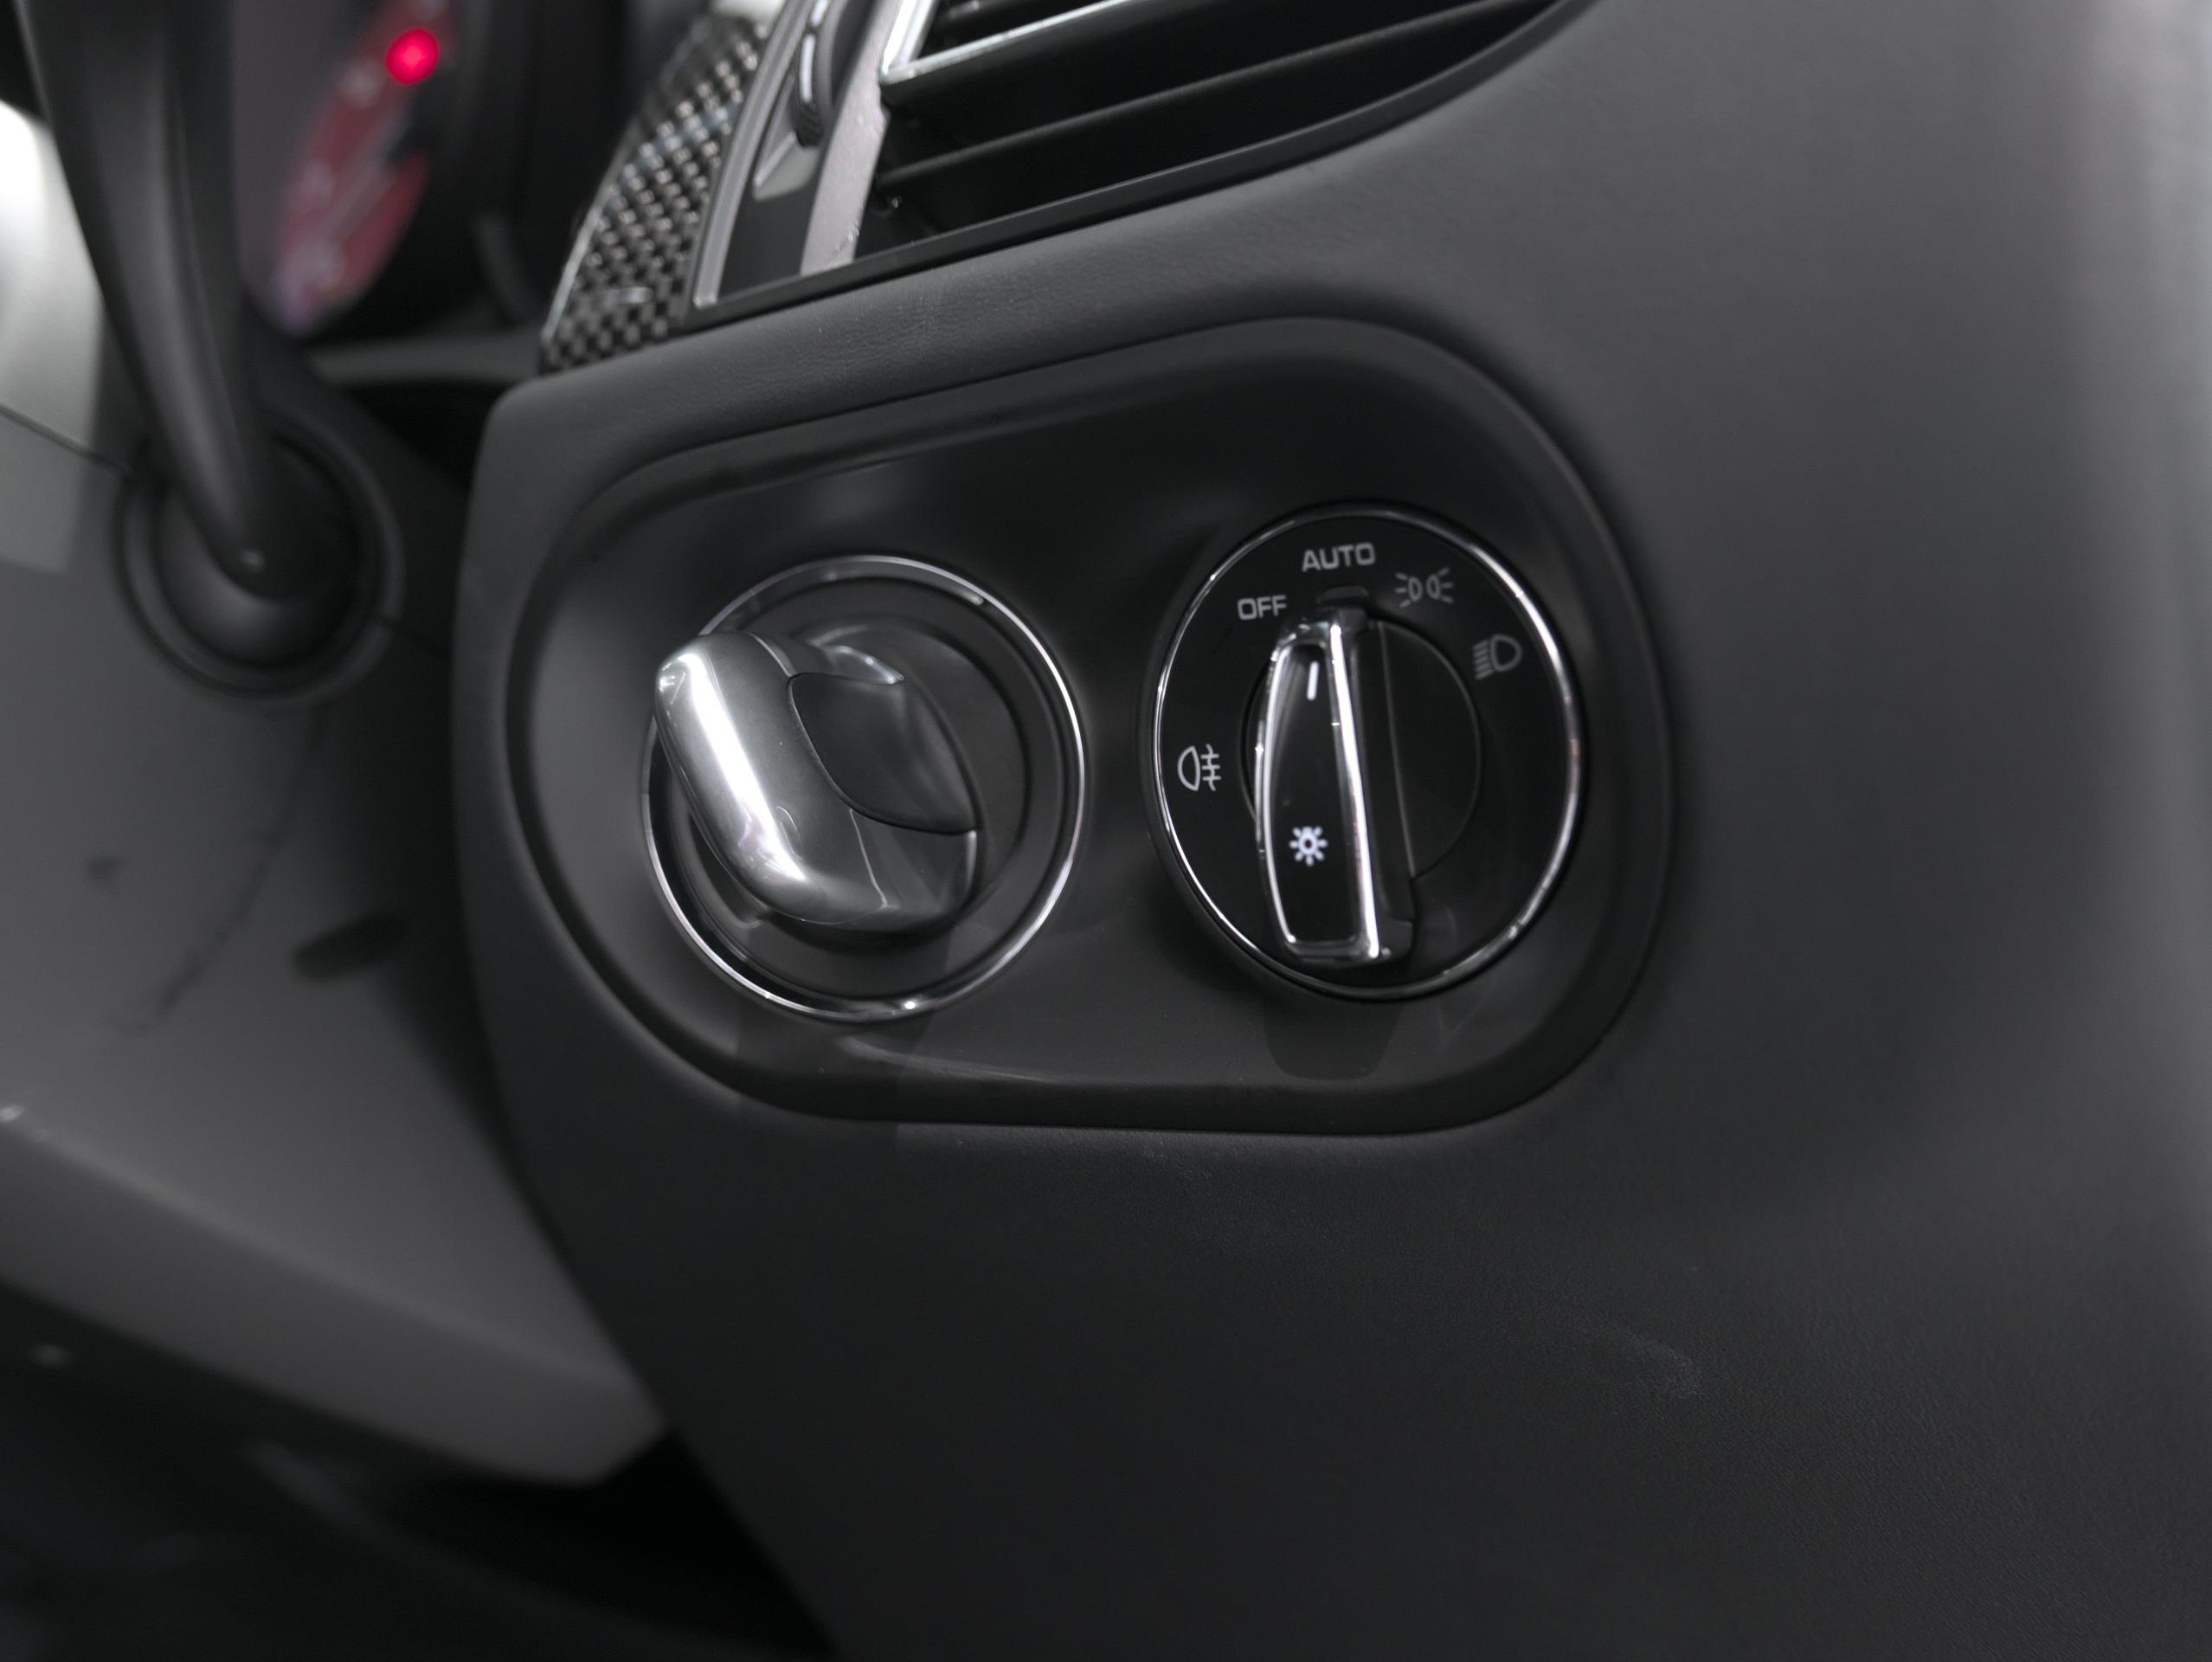 ポルシェ マカン GTS スポーツクロノ エンジンスタートボタン